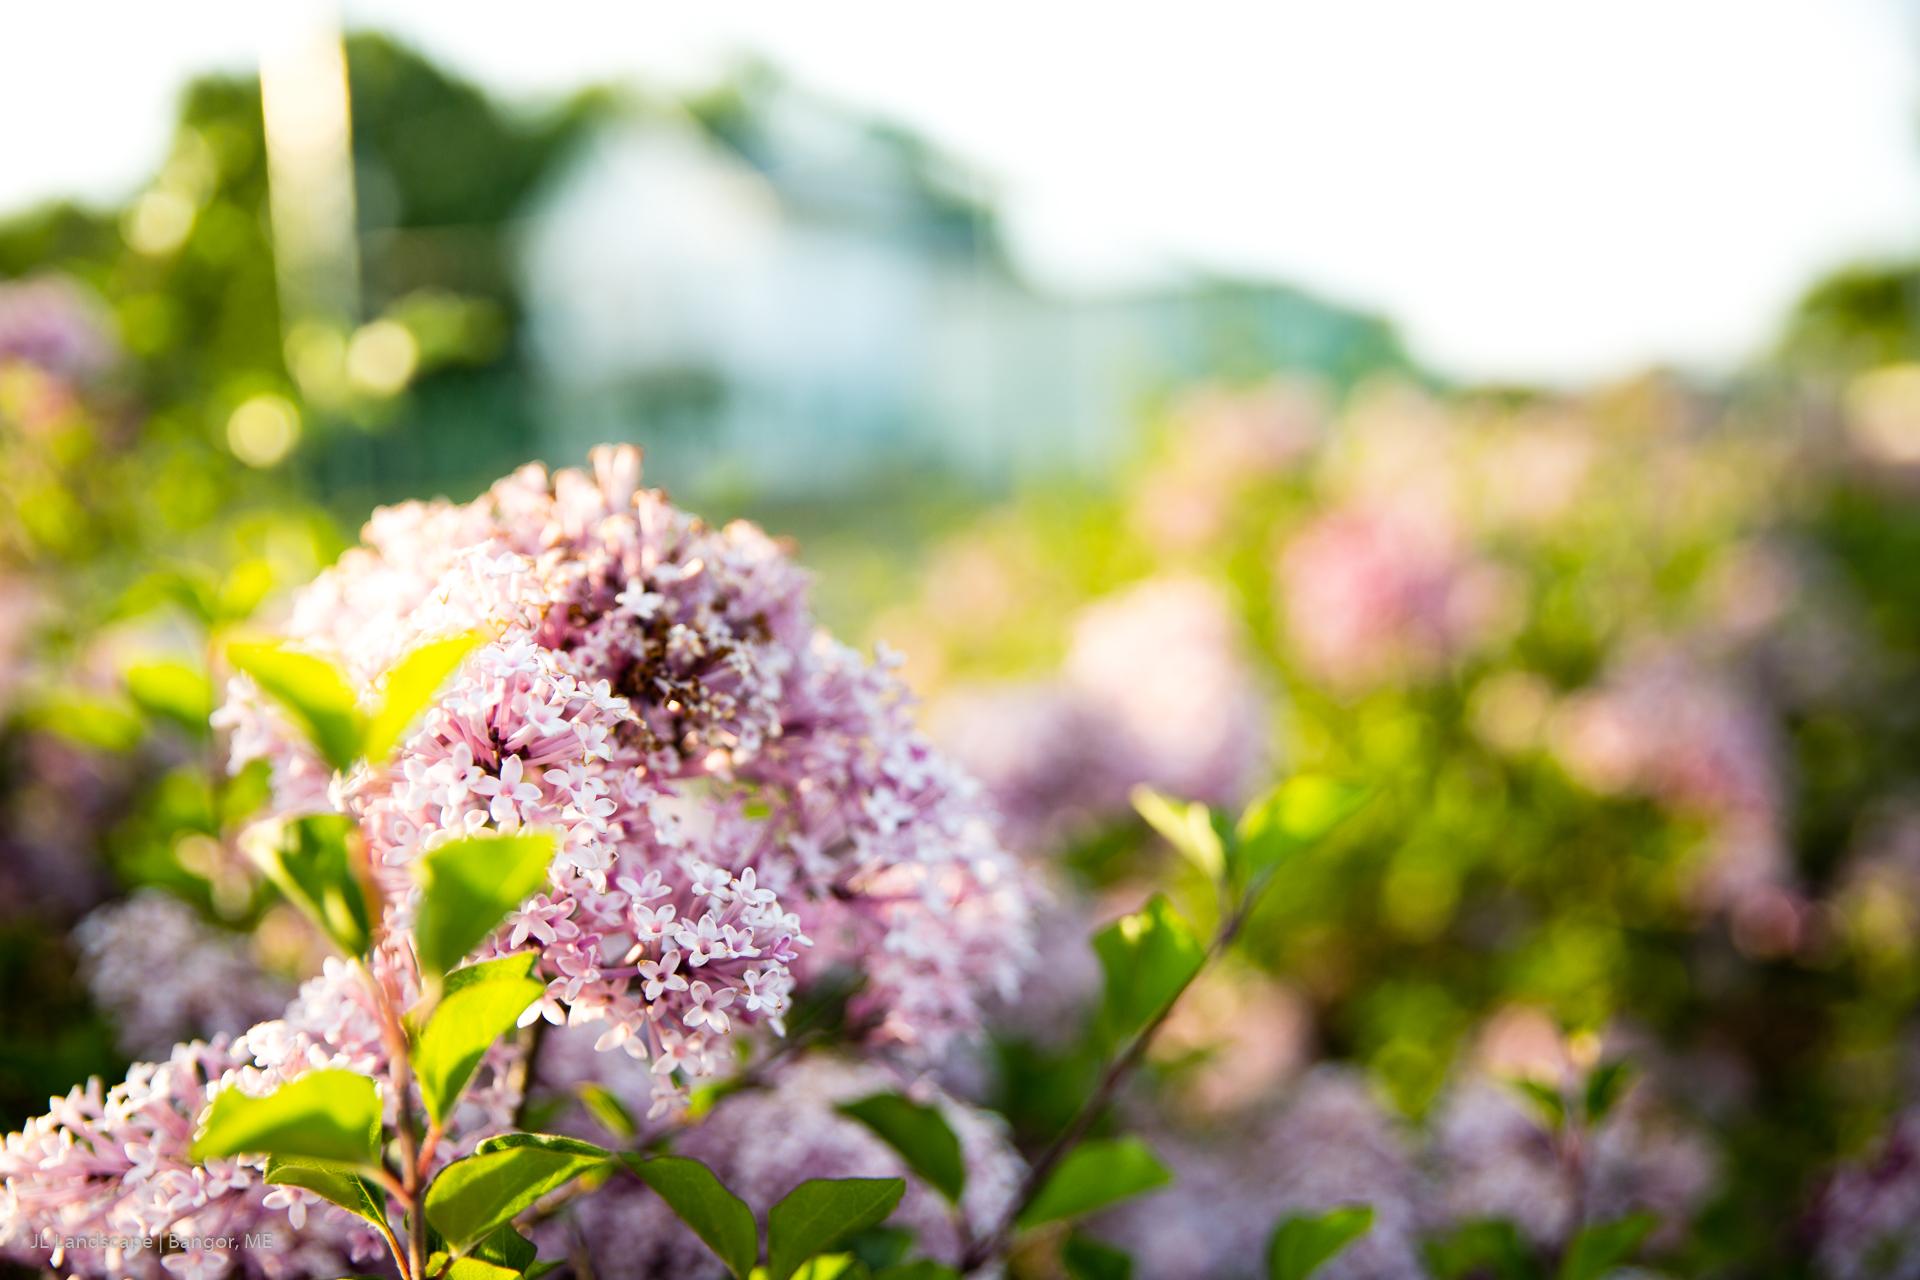 Jl Landscape Bangor Brewer Maine S Best Landscaping Solutions